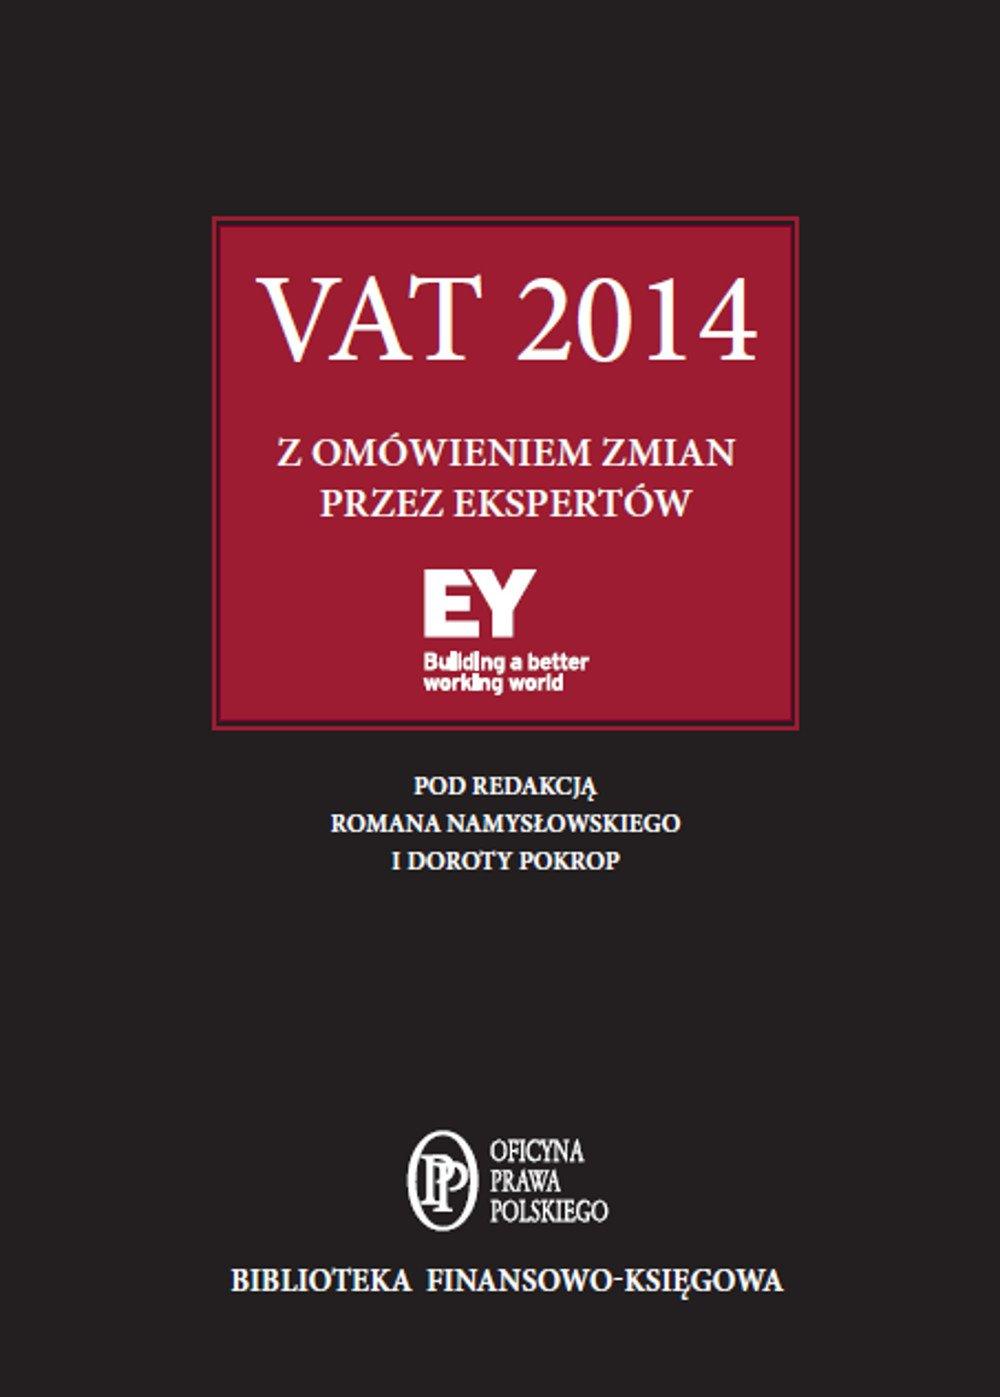 VAT 2014 z omówieniem ekspertów EY - Ebook (Książka na Kindle) do pobrania w formacie MOBI